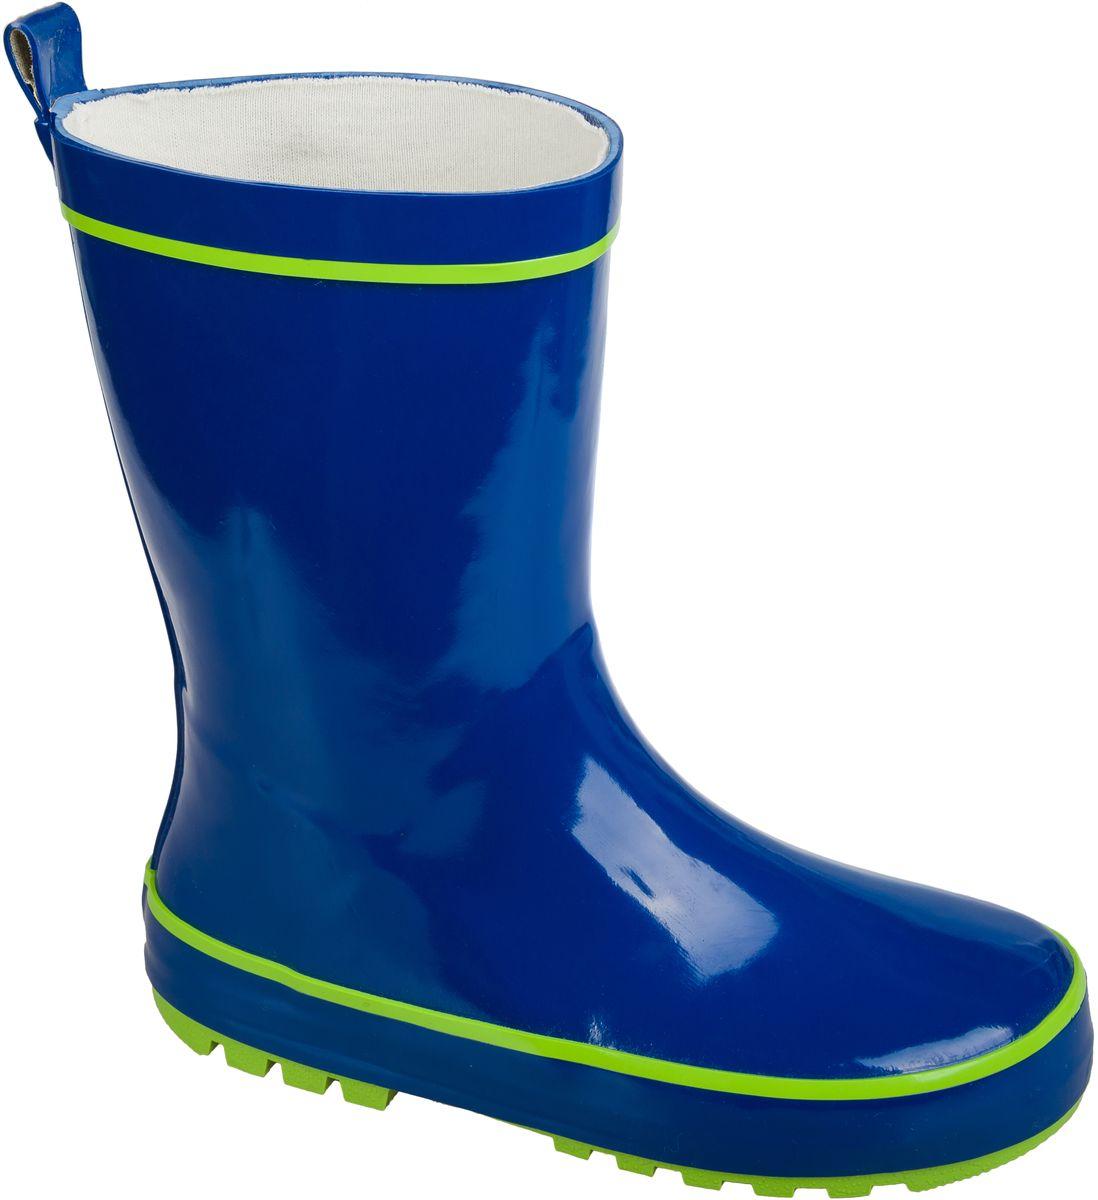 Резиновые сапоги101442Резиновые сапоги от фирмы Mursu выполнены из качественной резины. Хлопковая подкладка и стелька сохранят тепло и обеспечат полный уют и комфорт при носке. Рельефная резиновая подошва устойчива к истиранию и гарантирует отличное сцепление с любой поверхностью. Такие практичные резиновые сапоги займут достойное место в гардеробе вашего ребенка.